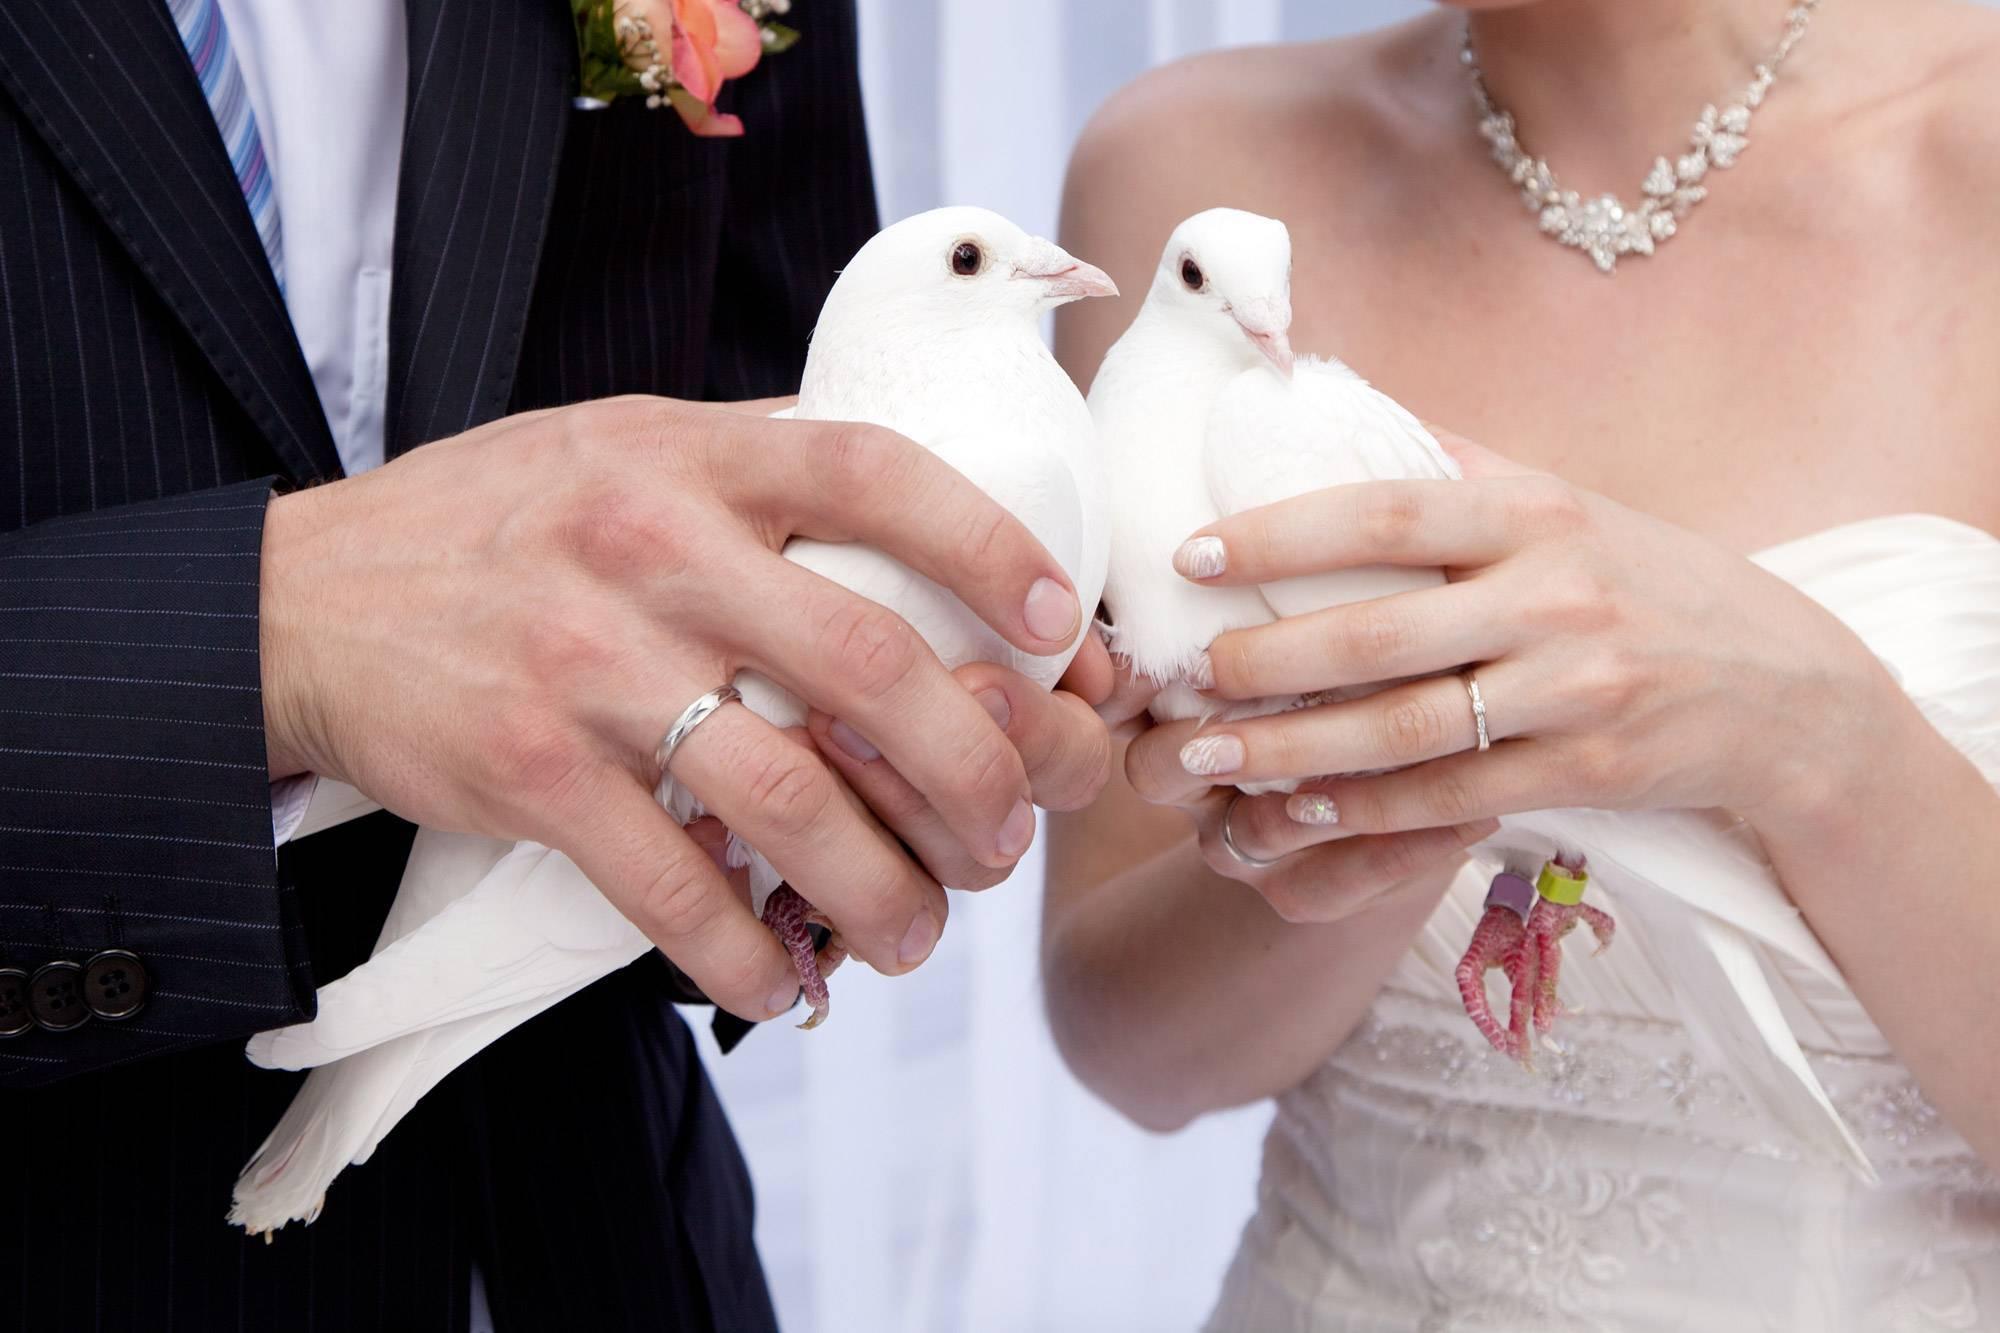 f451bfee9503e0b2613d7b75a8bd23cc - Комичные ситуации на свадьбе.